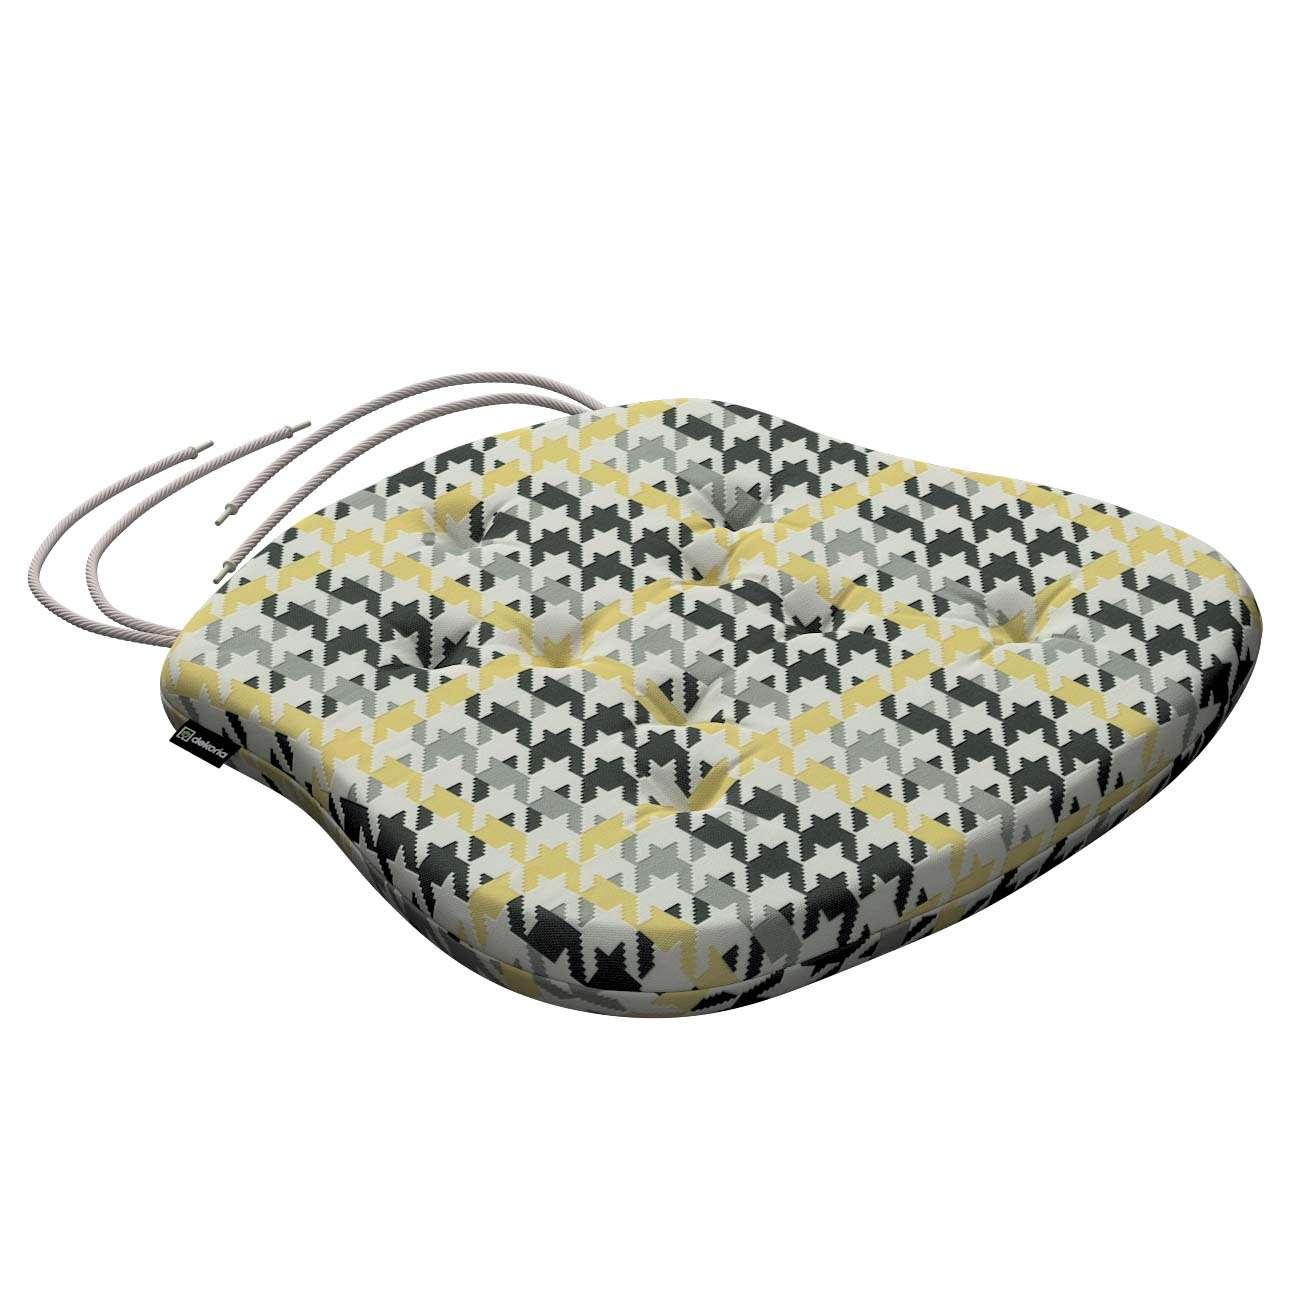 Siedzisko Filip na krzesło 41x38x3,5 cm w kolekcji Brooklyn, tkanina: 137-79